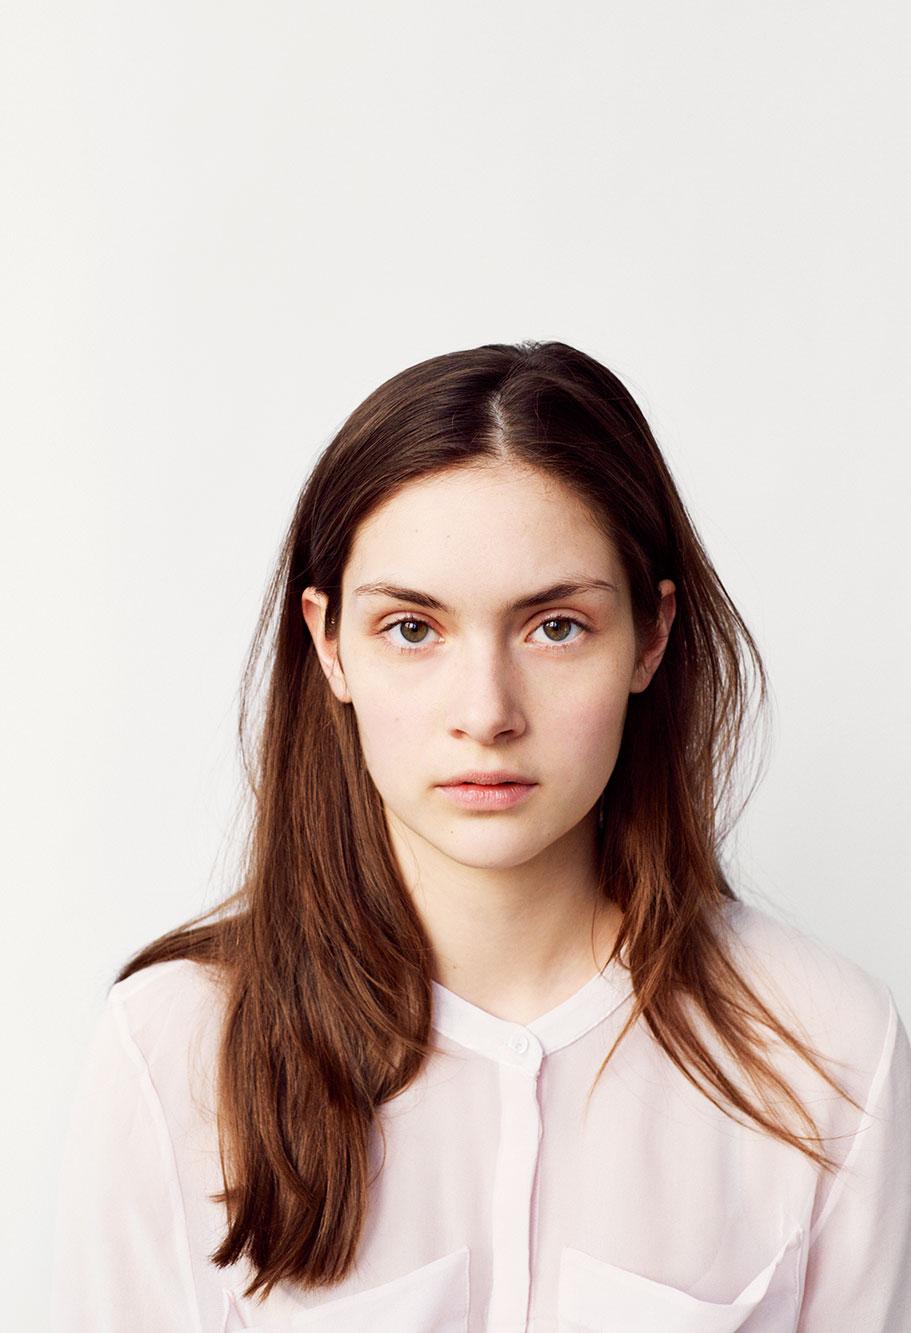 Emily, 2013 Portrait Patrick Desbrosses